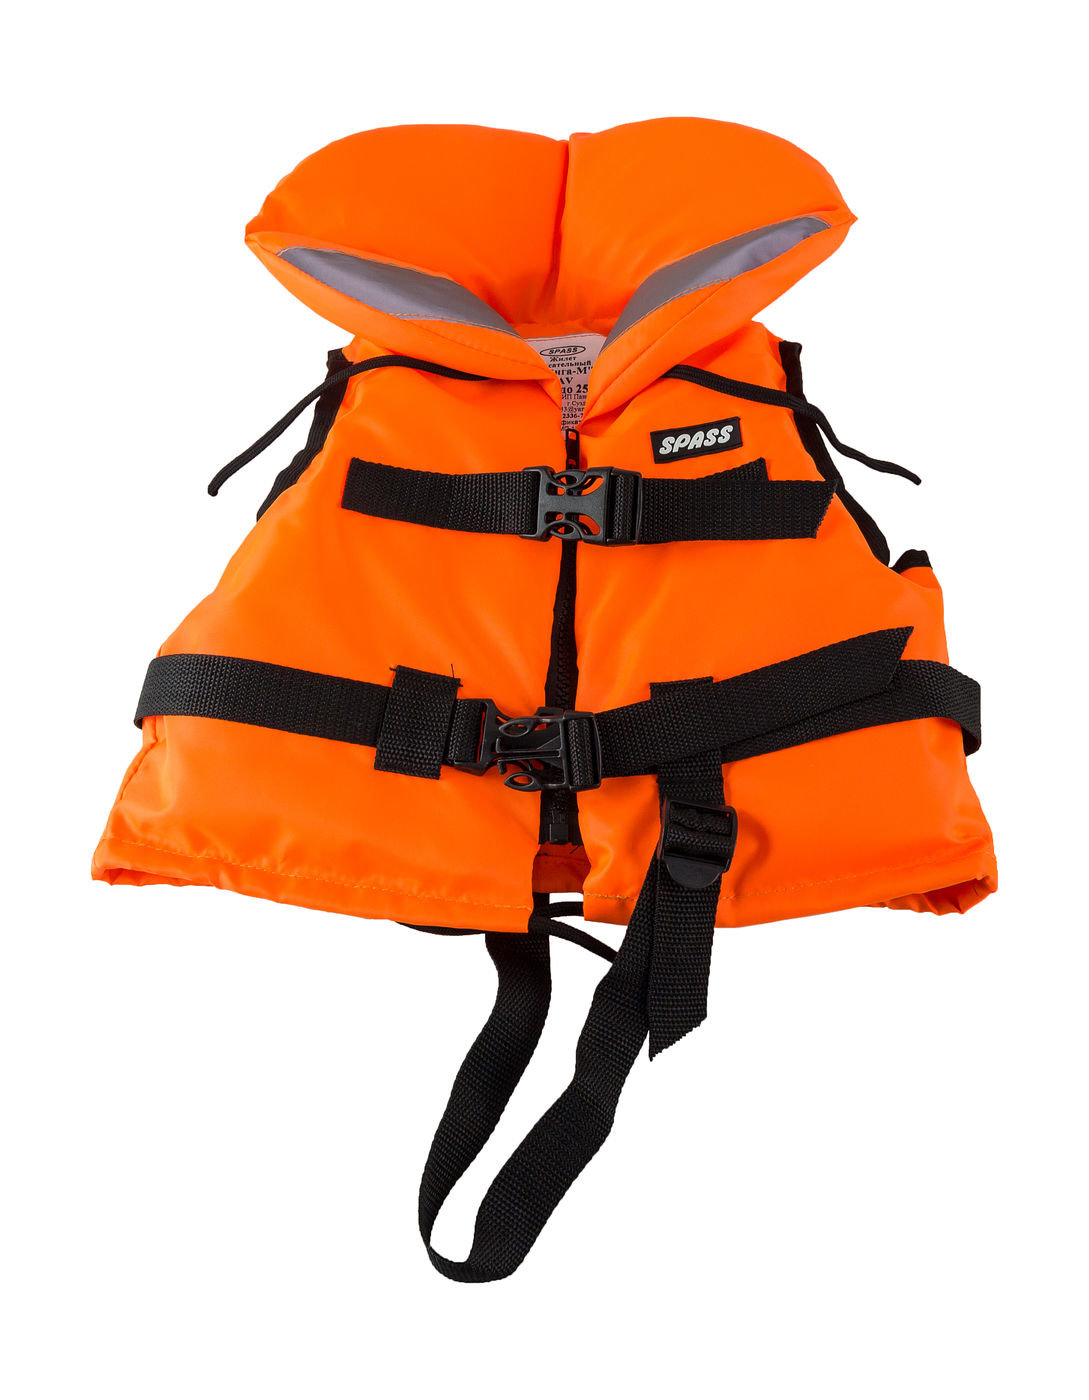 Жилет спасательный детский Юнга до 25 кг junga-m